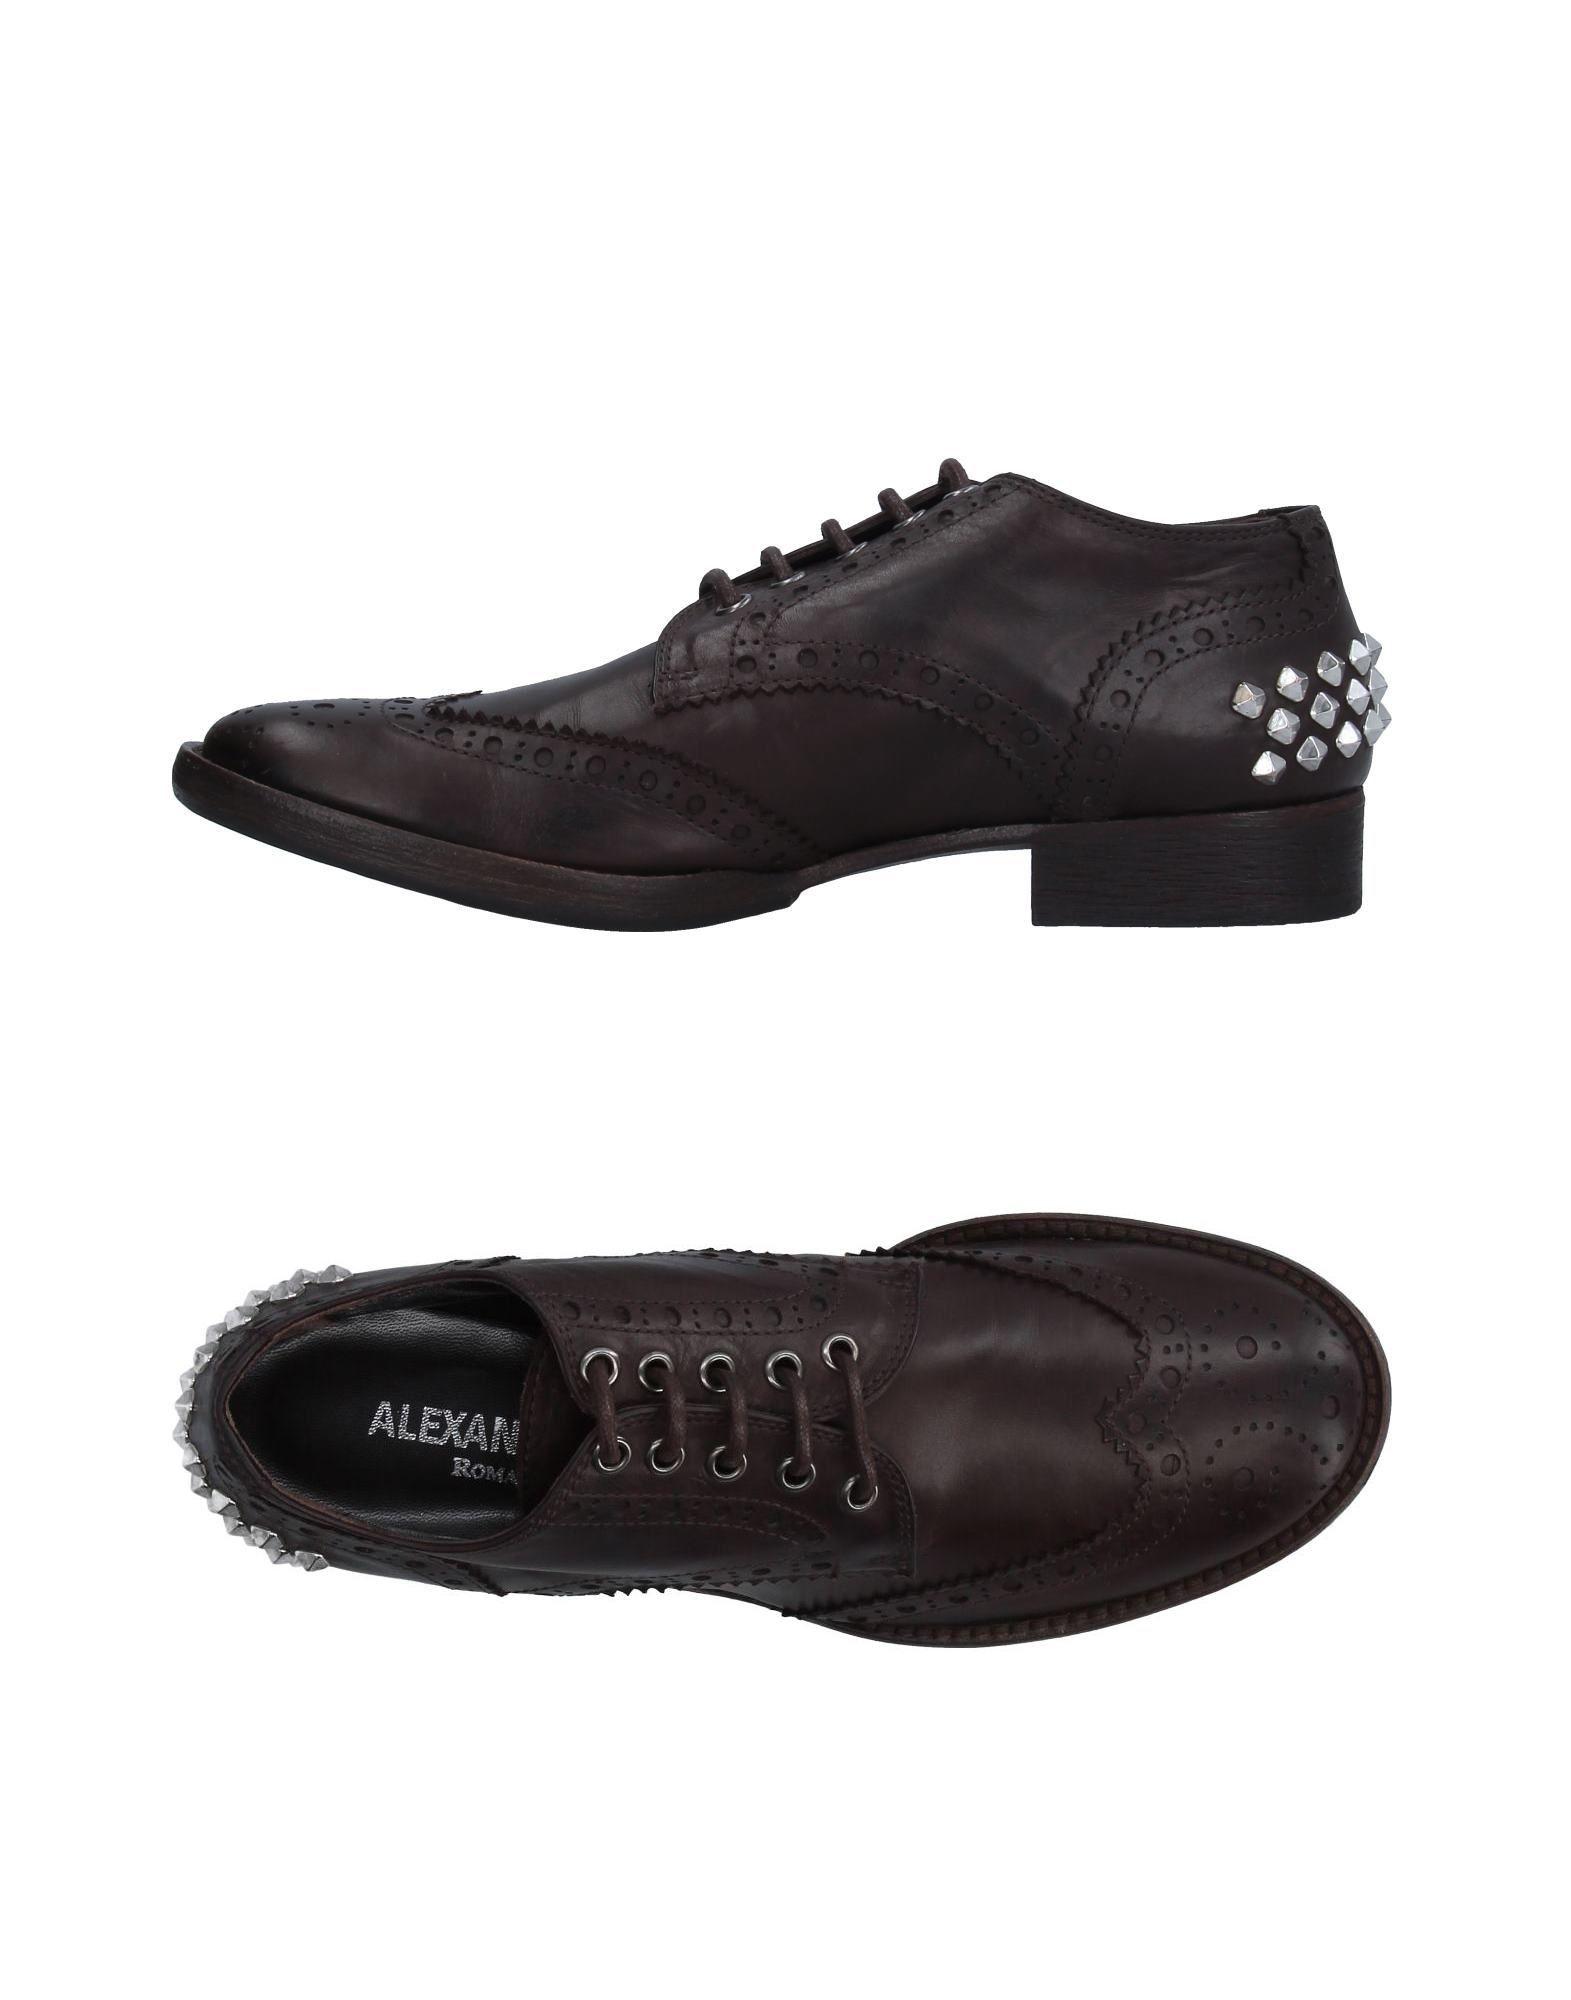 Alexandra Gute Schnürschuhe Damen  11257832CN Gute Alexandra Qualität beliebte Schuhe 085fdb